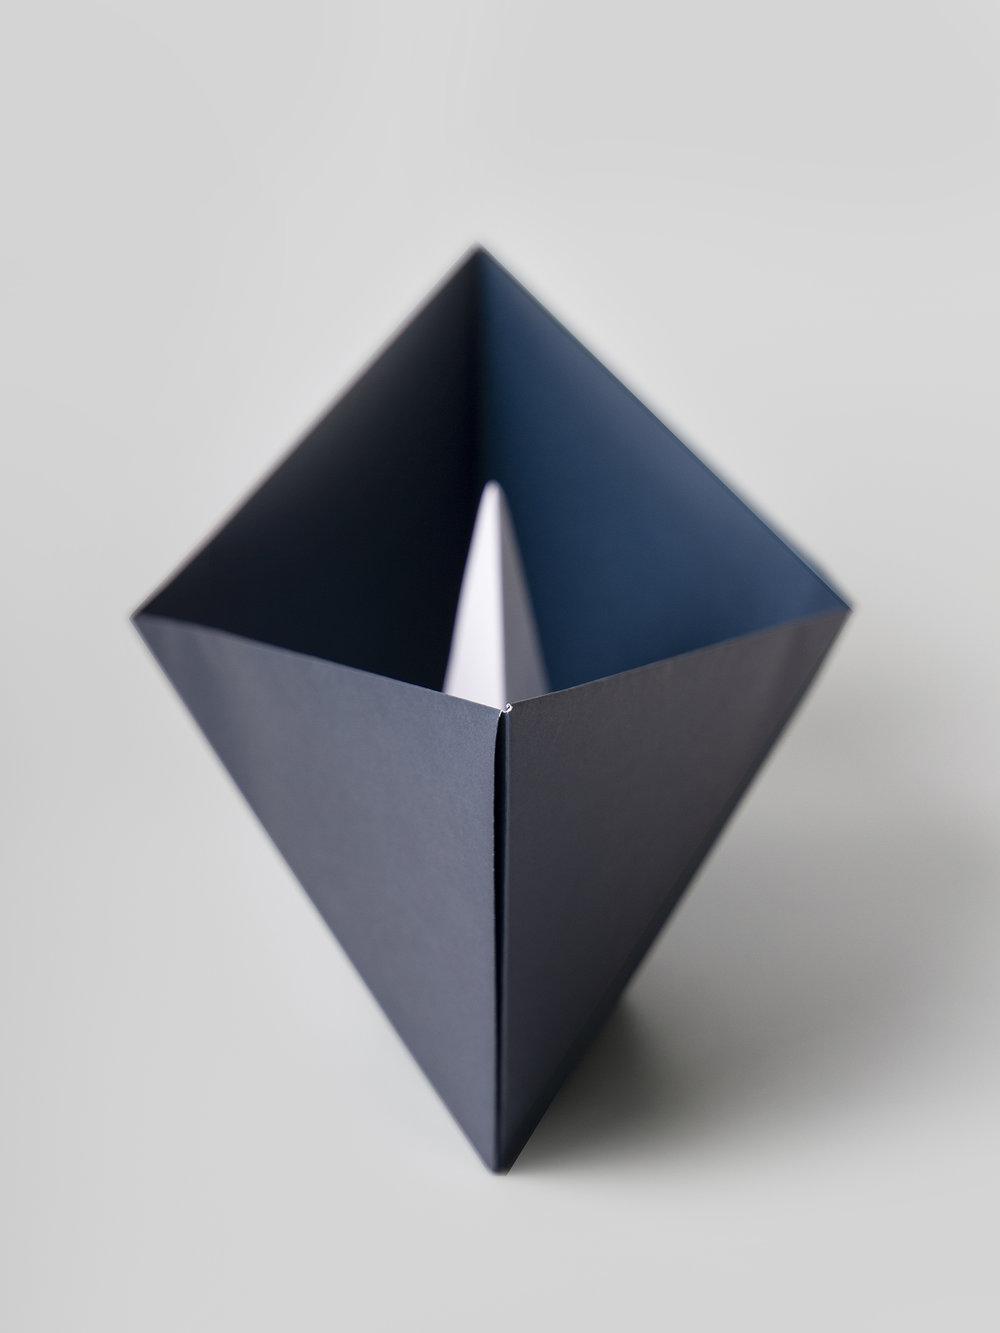 Origami Figur Papierboot  Origami figure Paperboot